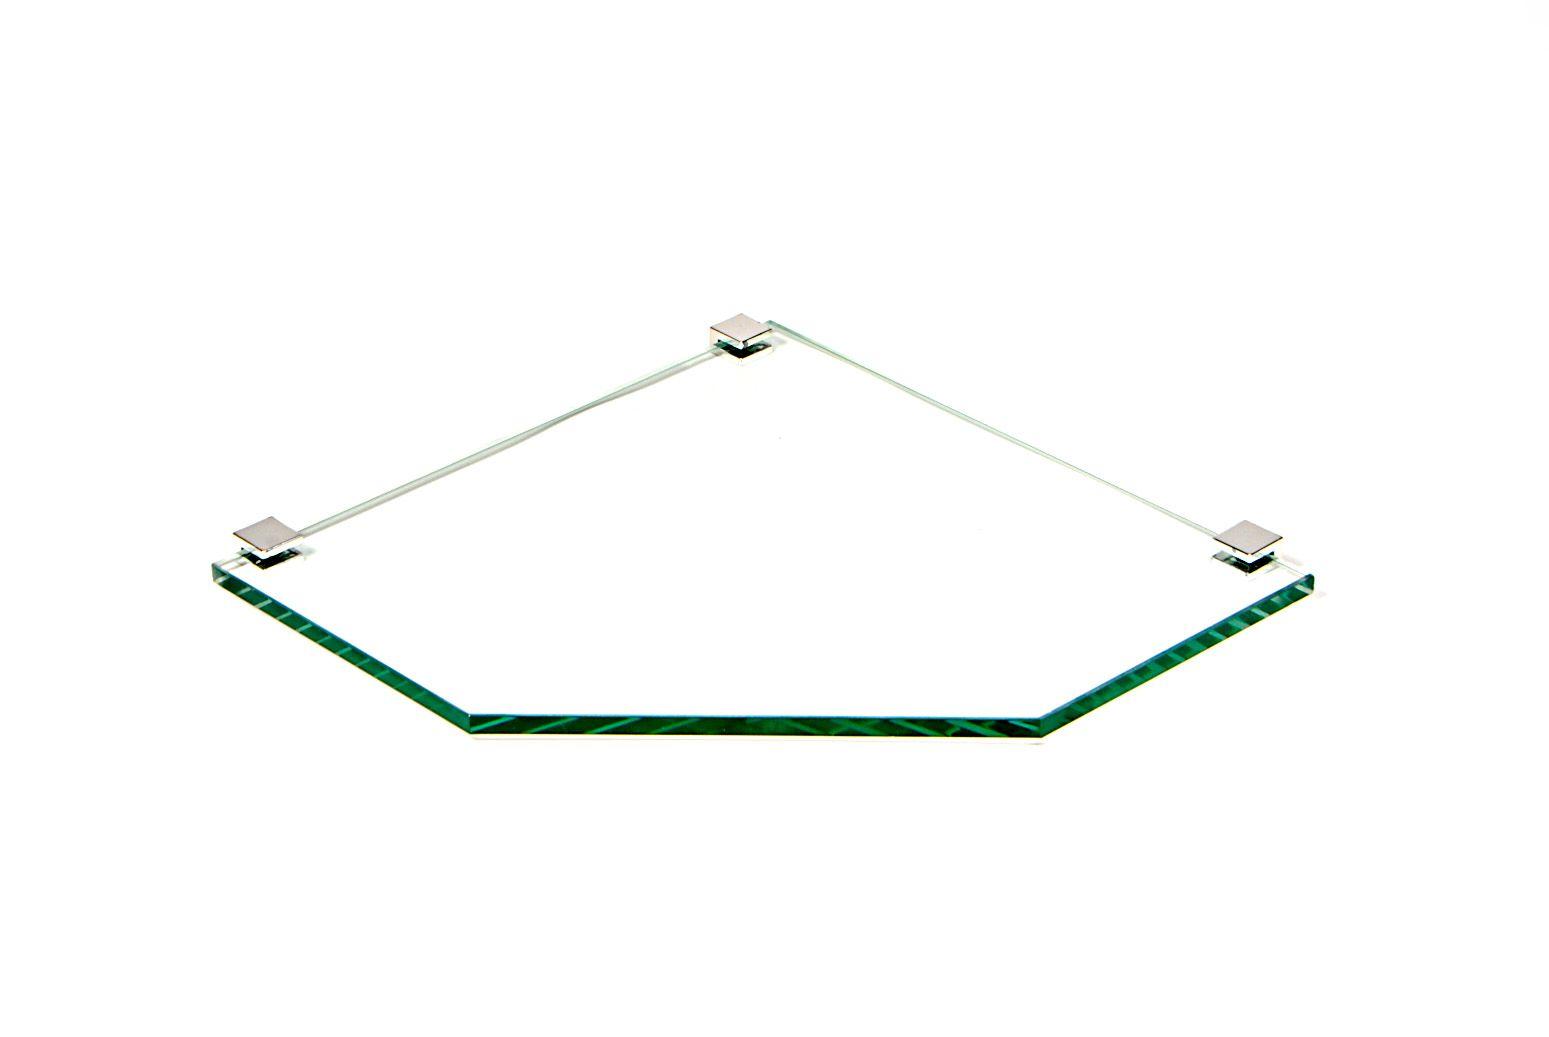 Porta Shampoo de Canto Reto em Vidro Incolor Lapidado - Aquabox  - 25cmx25cmx8mm